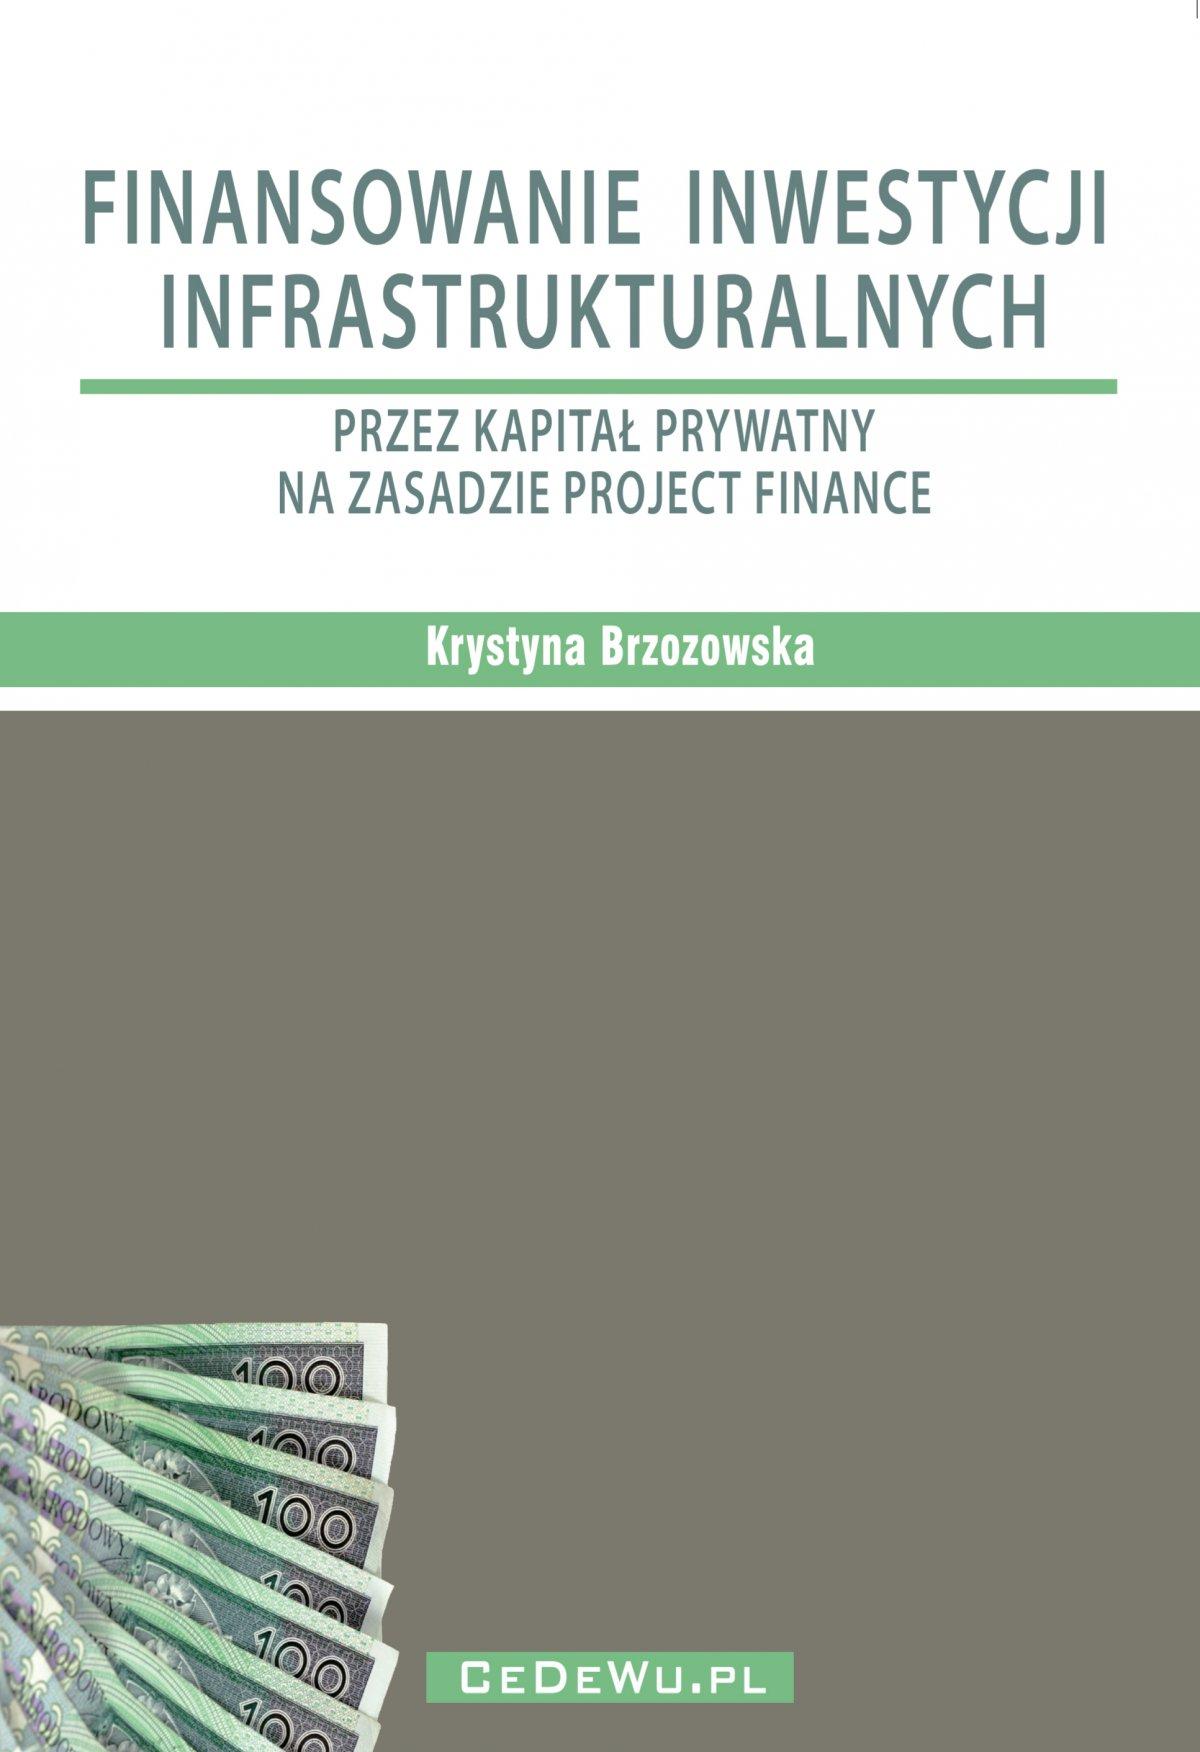 Finansowanie inwestycji infrastrukturalnych przez kapitał prywatny na zasadzie project finance (wyd. II). Rozdział 5. WARUNKI EFEKTYWNEGO WYKORZYSTANIA KAPITAŁU PRYWATNEGO W INWESTYCJACH INFRASTRUKTURALNYCH - Ebook (Książka PDF) do pobrania w formacie PDF